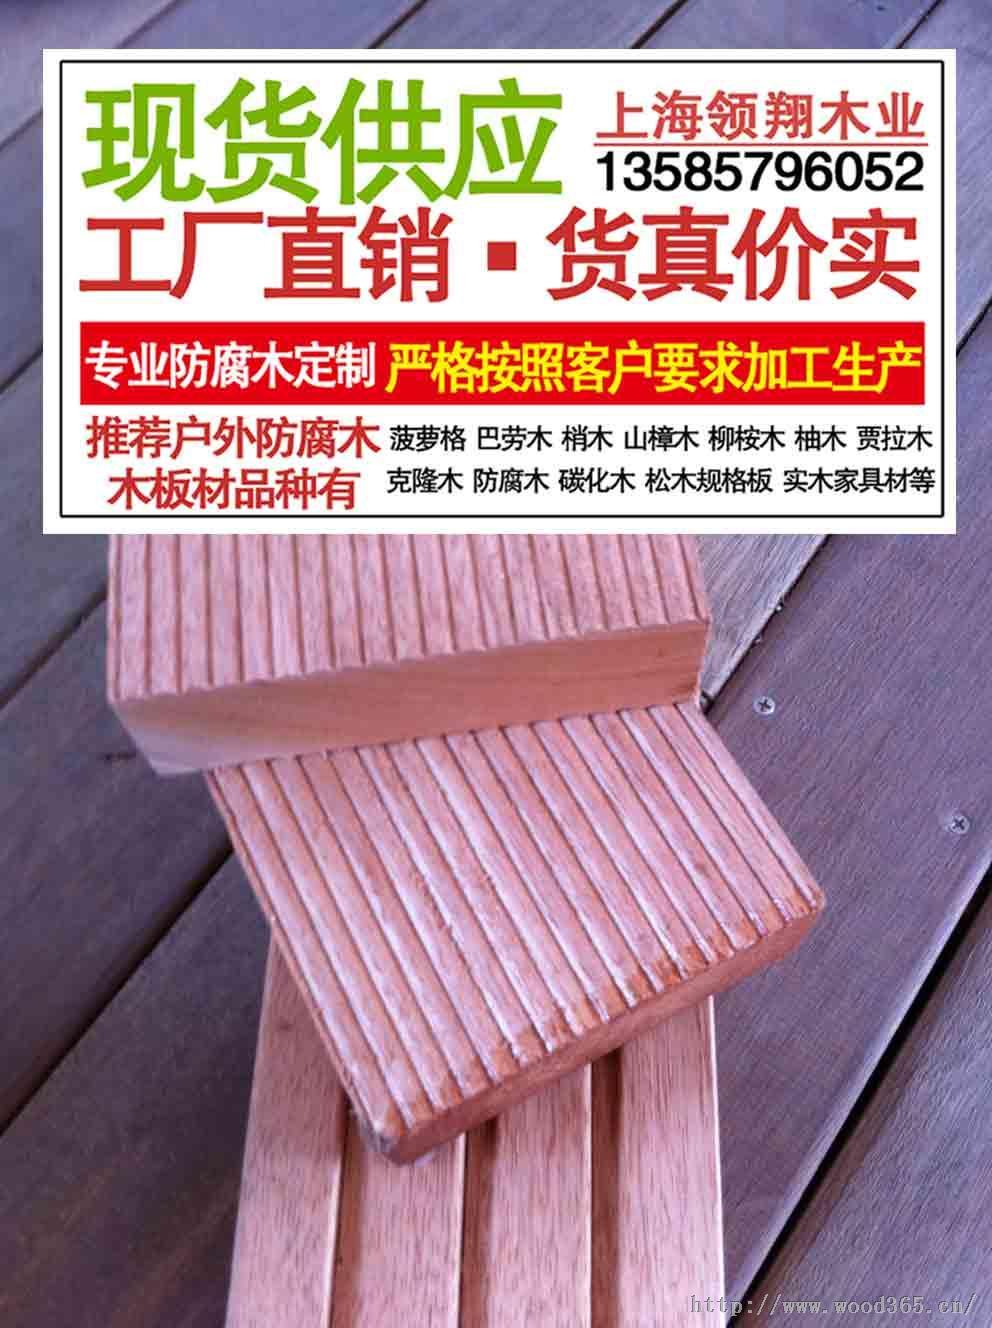 特价供应!黄巴劳木防腐木、巴劳木防腐木板材、巴劳木防腐木板方、巴劳木加工造型、